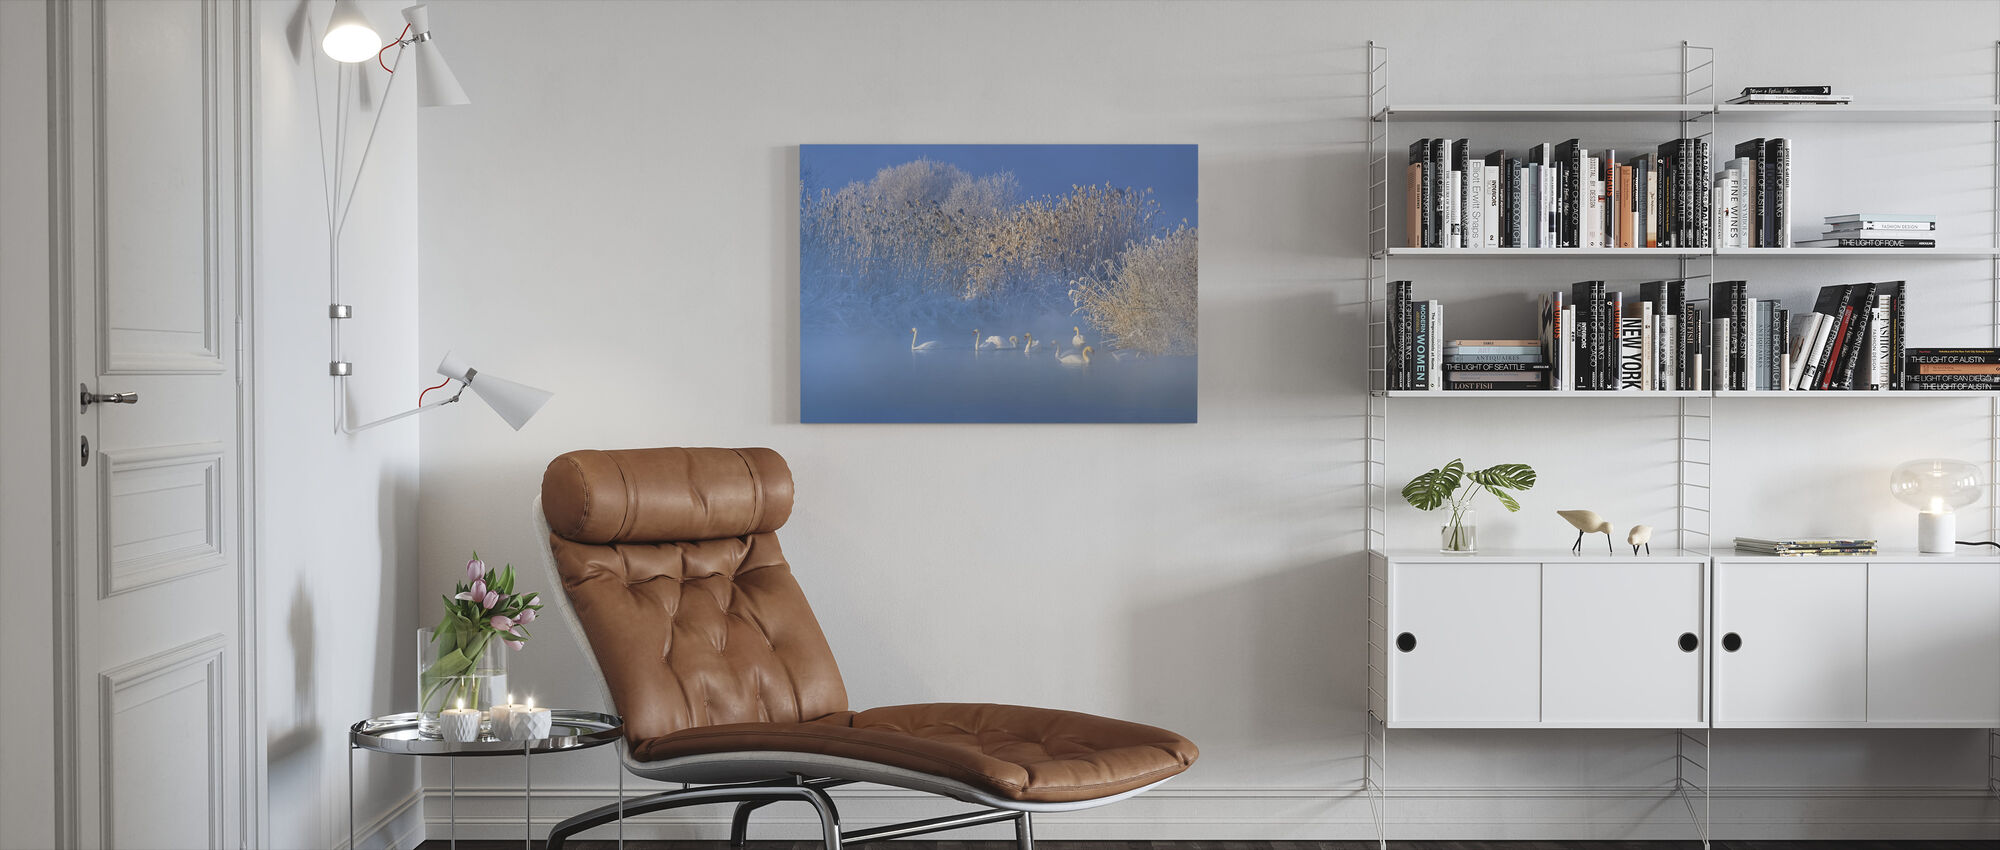 Blå Svansjön - Canvastavla - Vardagsrum